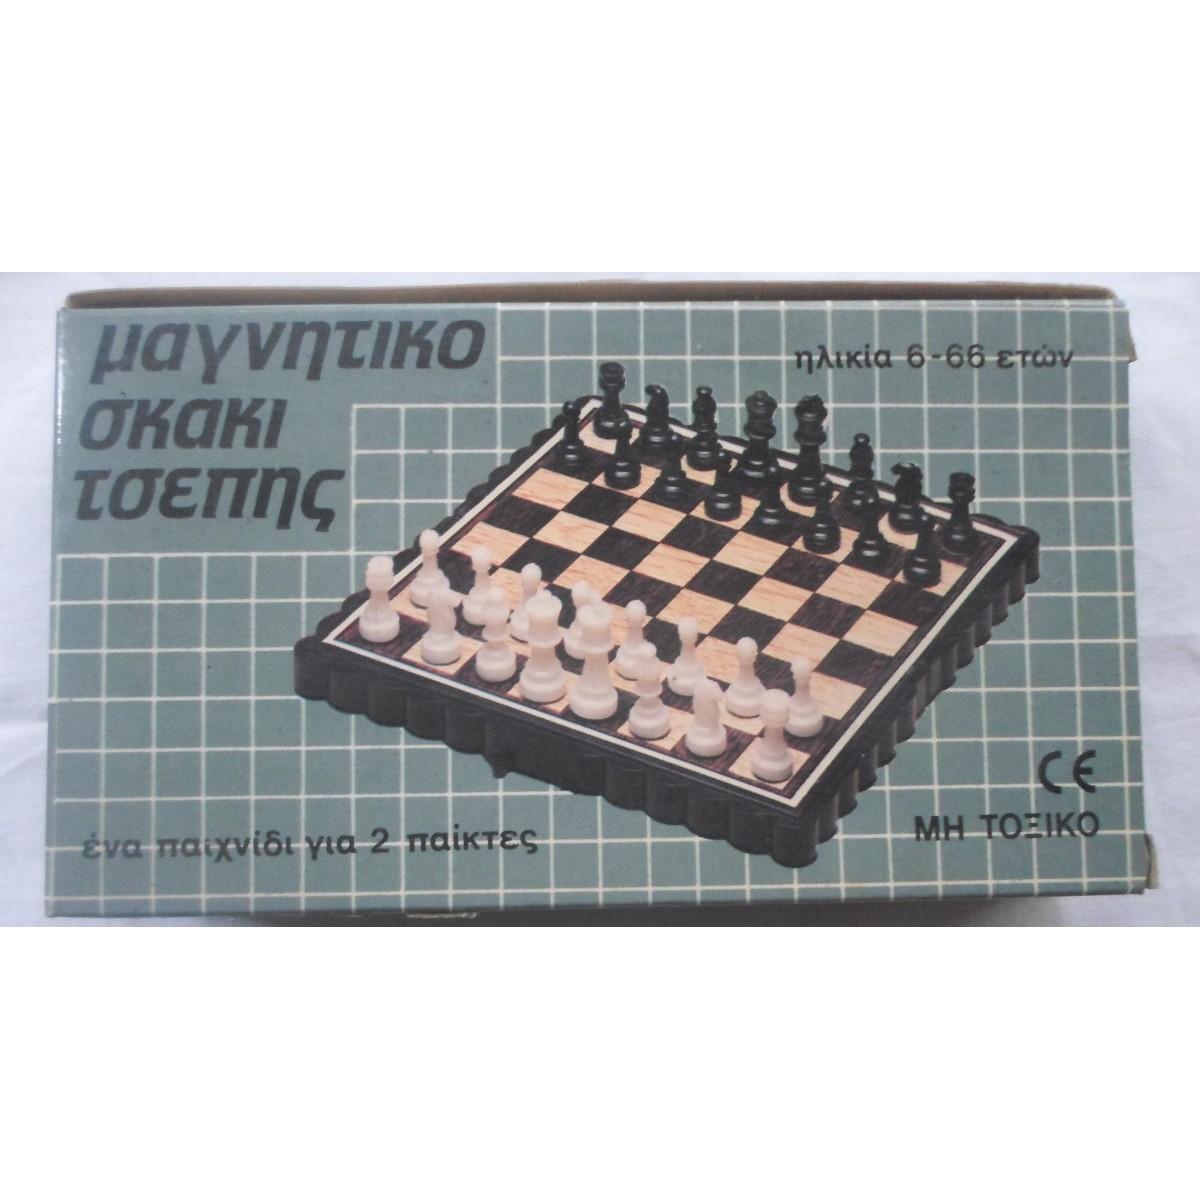 Μαγνητικό Σκάκι Τσέπης, ΠΕΤΑΛΟ, Ελλάς.